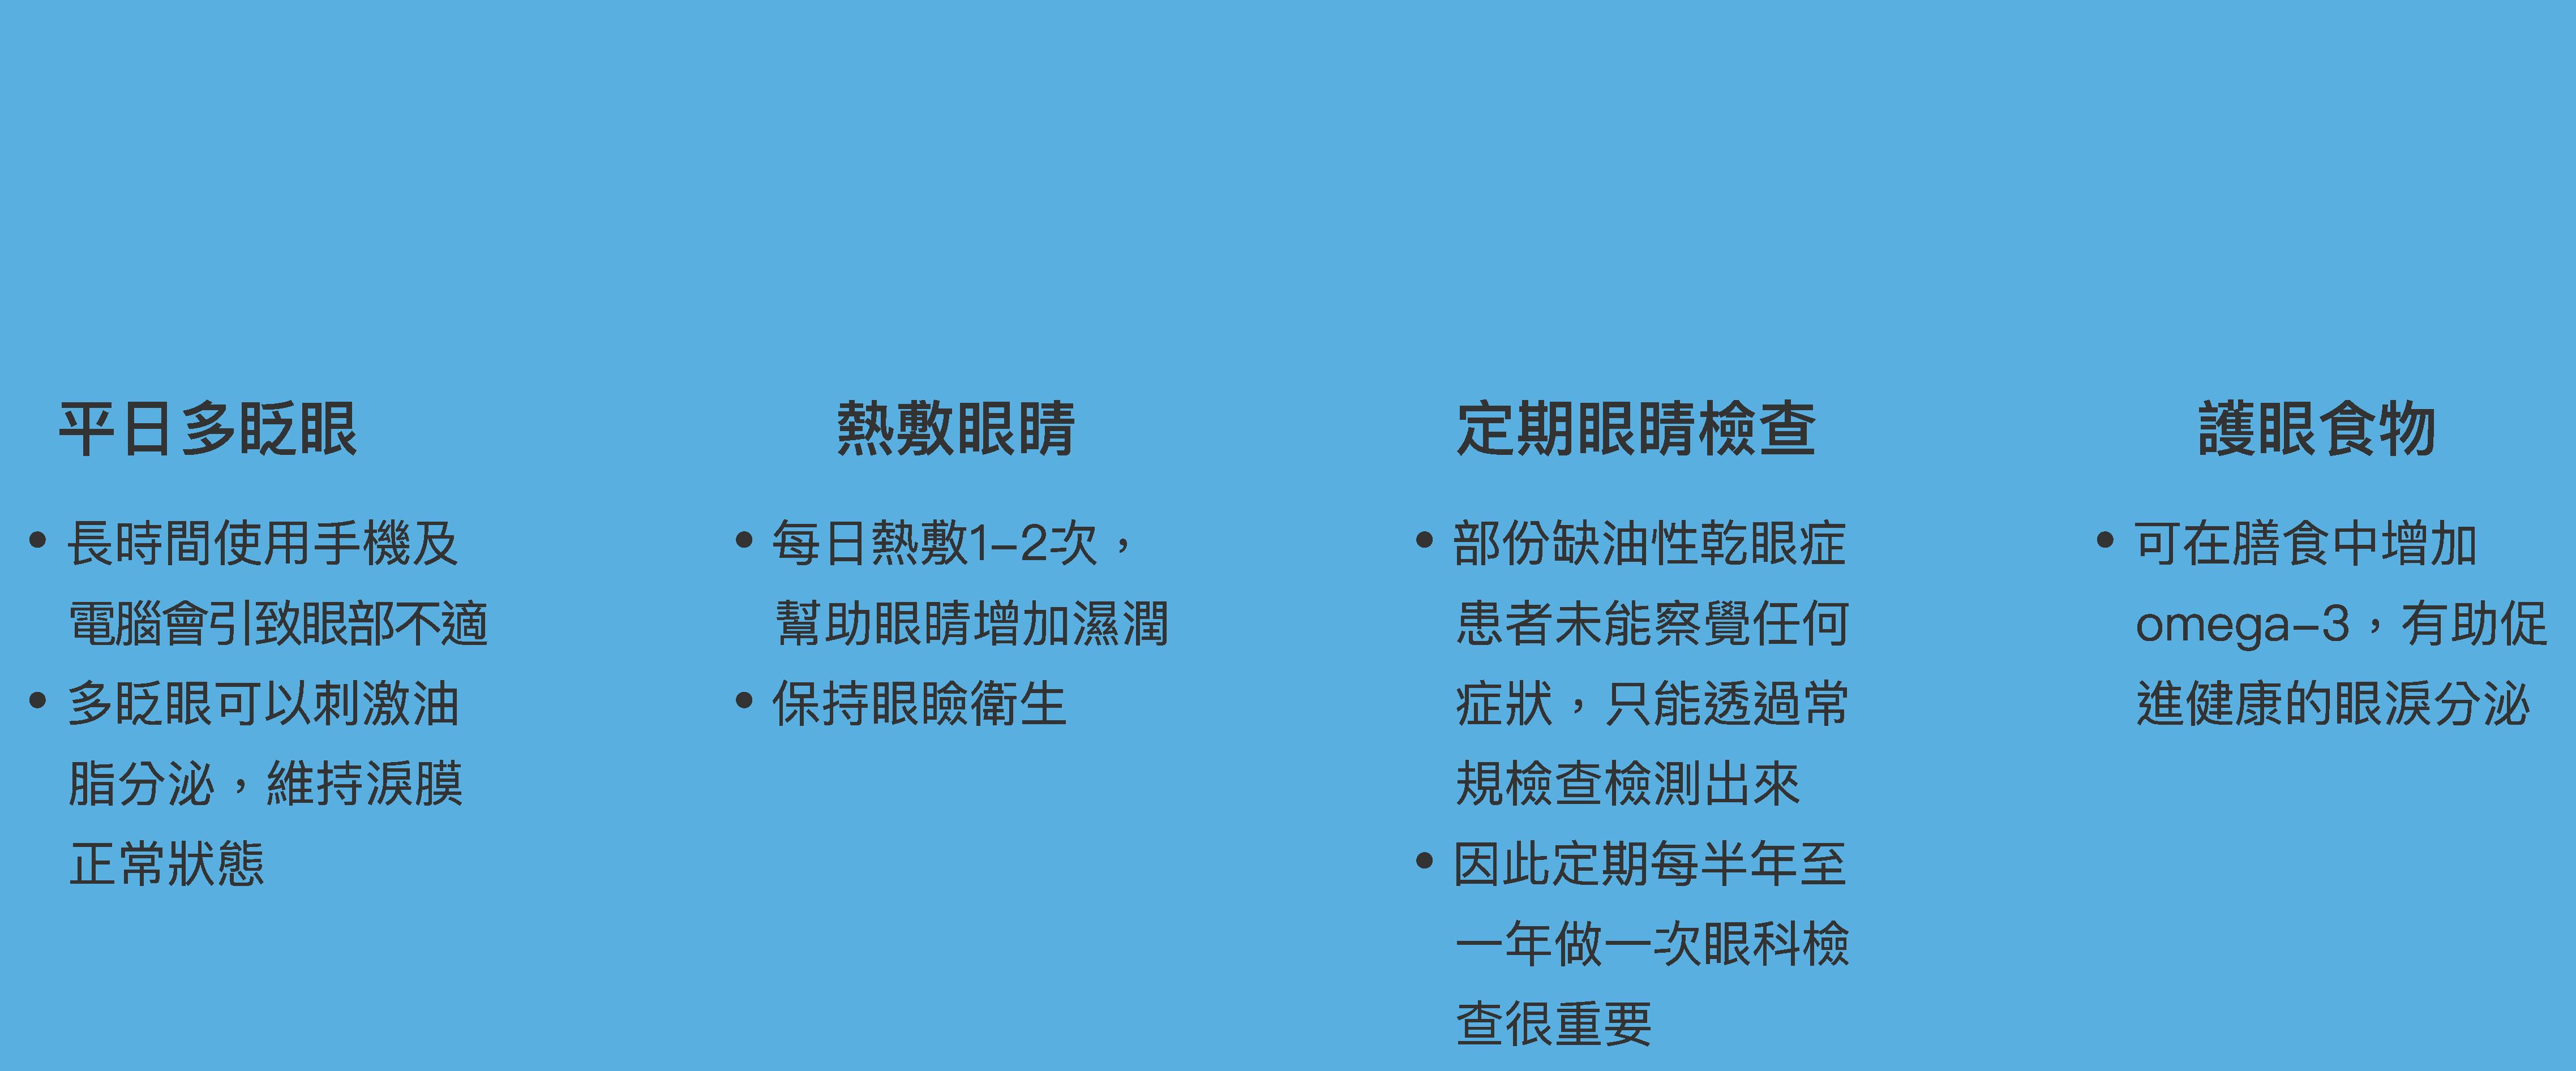 services_P6-13